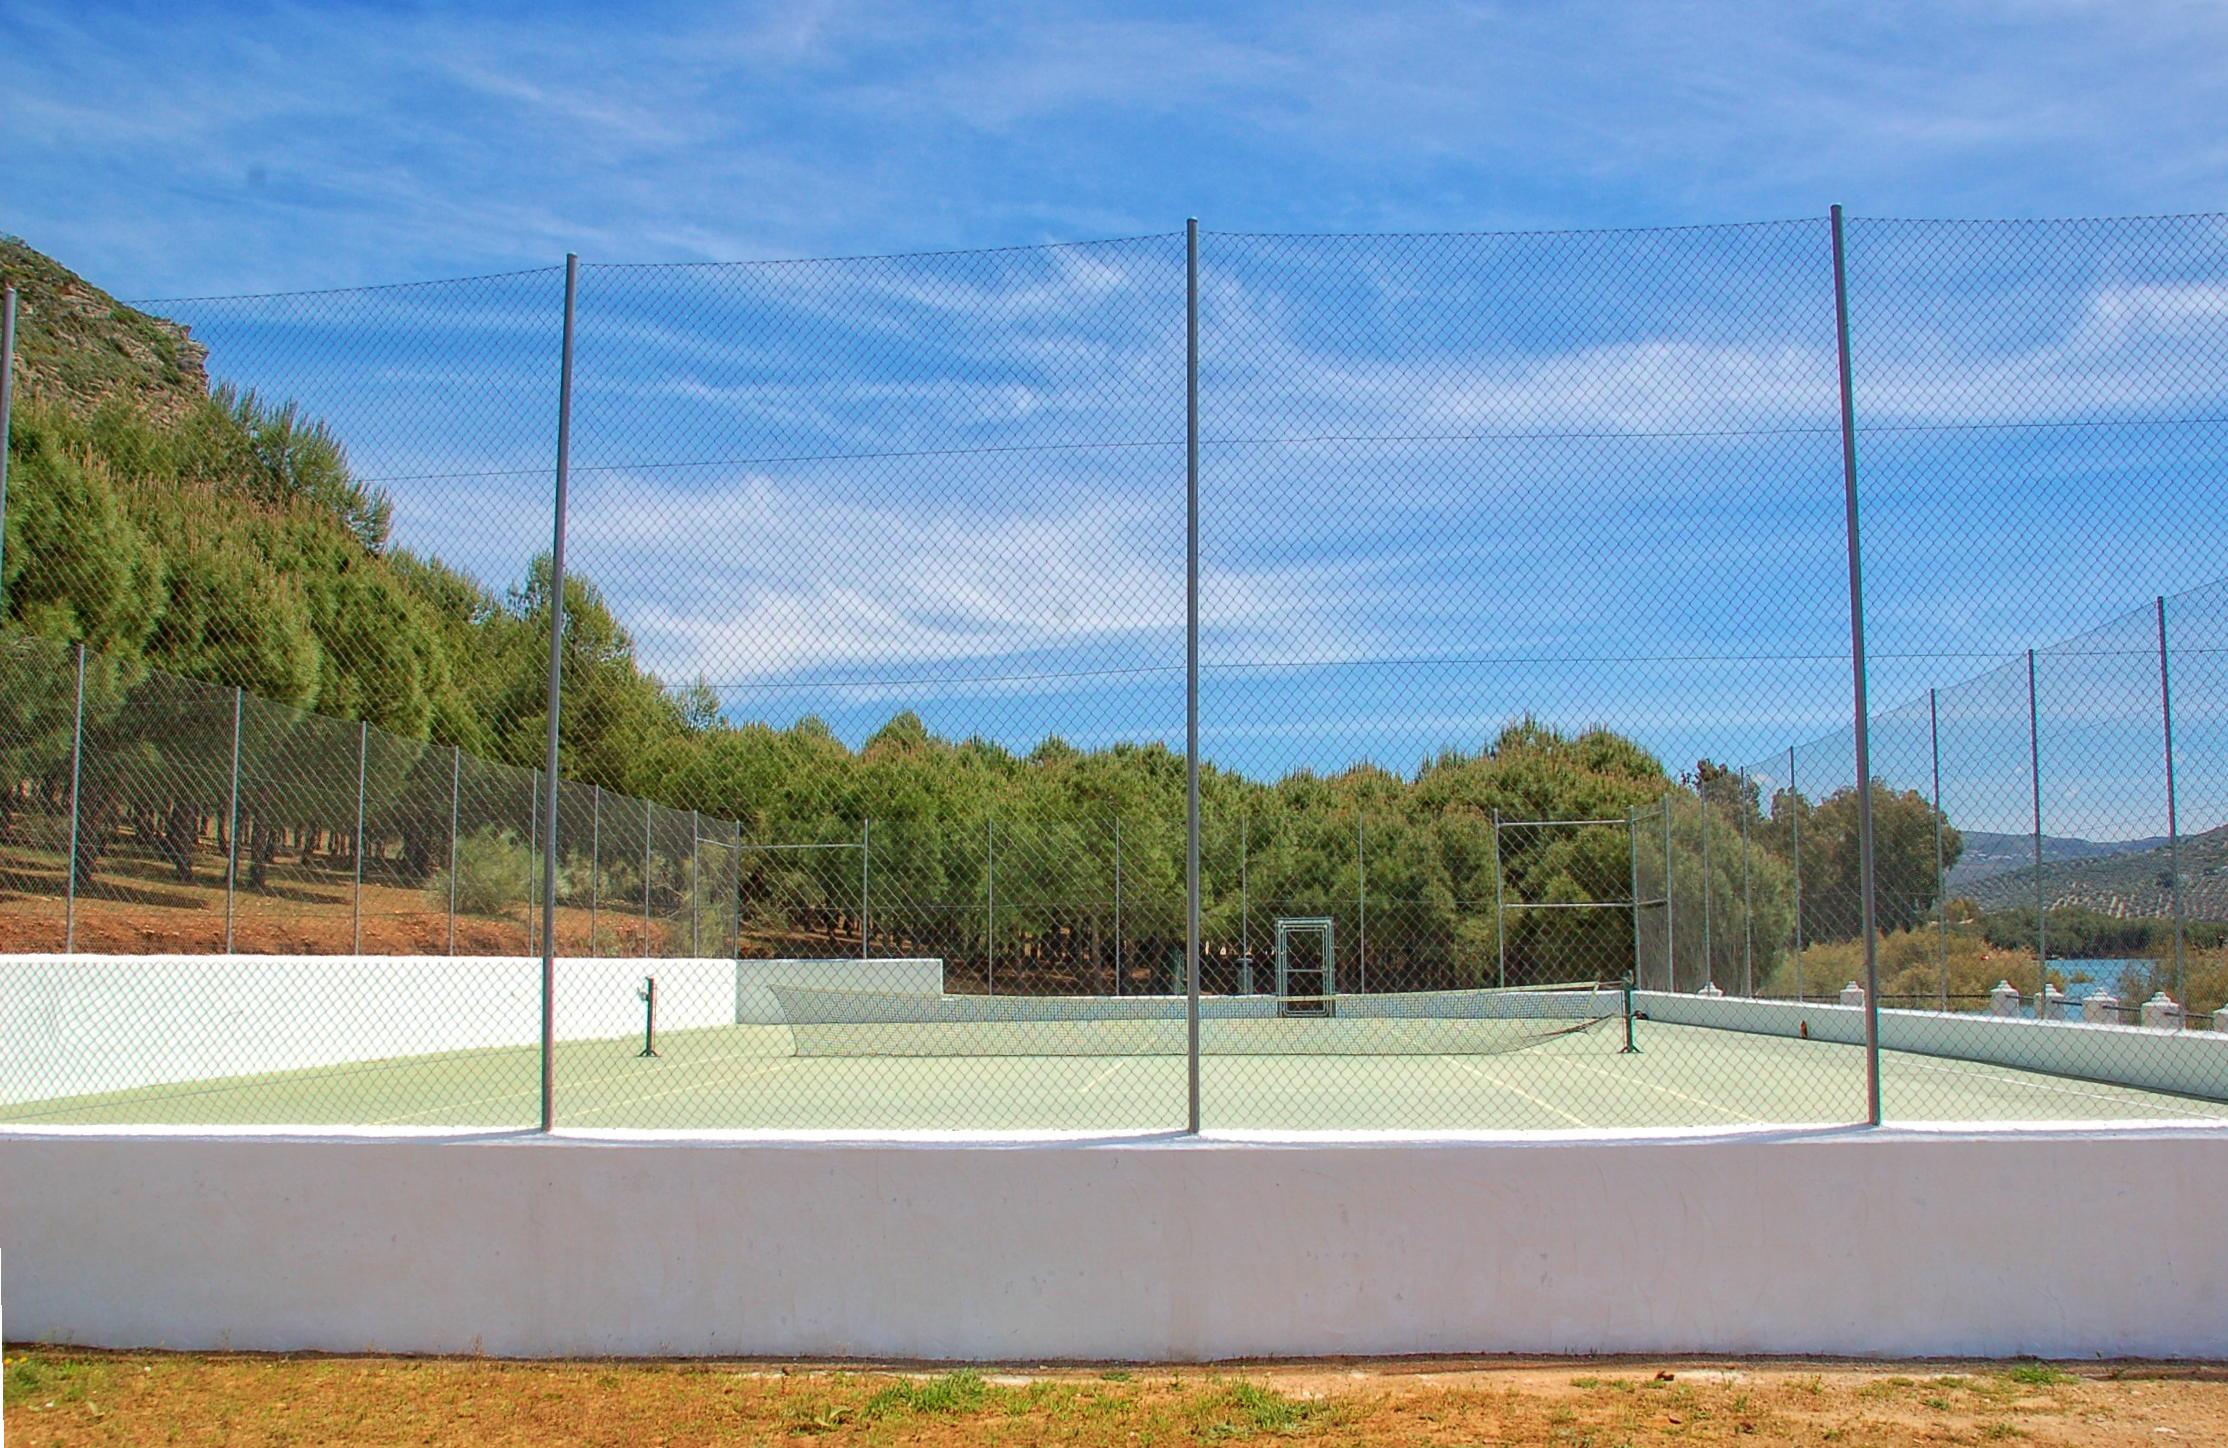 Tennis Court Iznajar